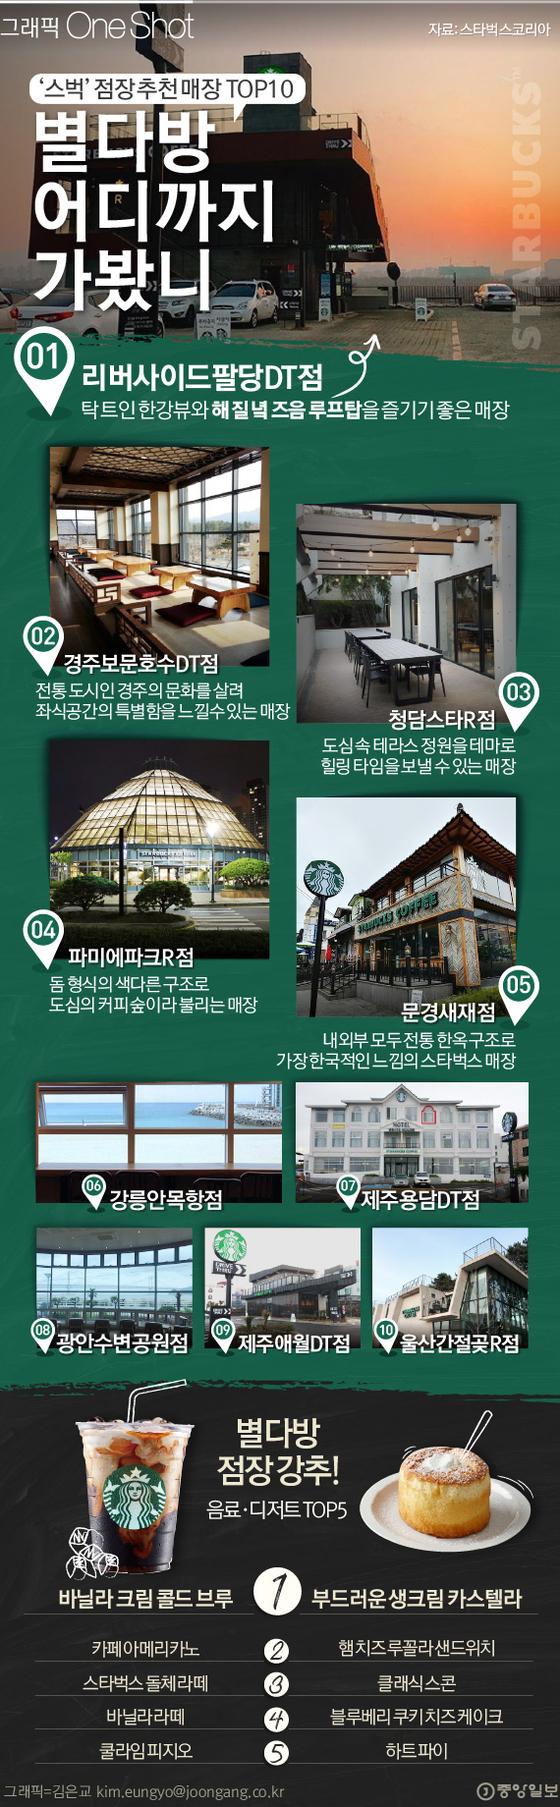 ' 별다방' 점장 추천 이색 스벅 매장 TOP 10